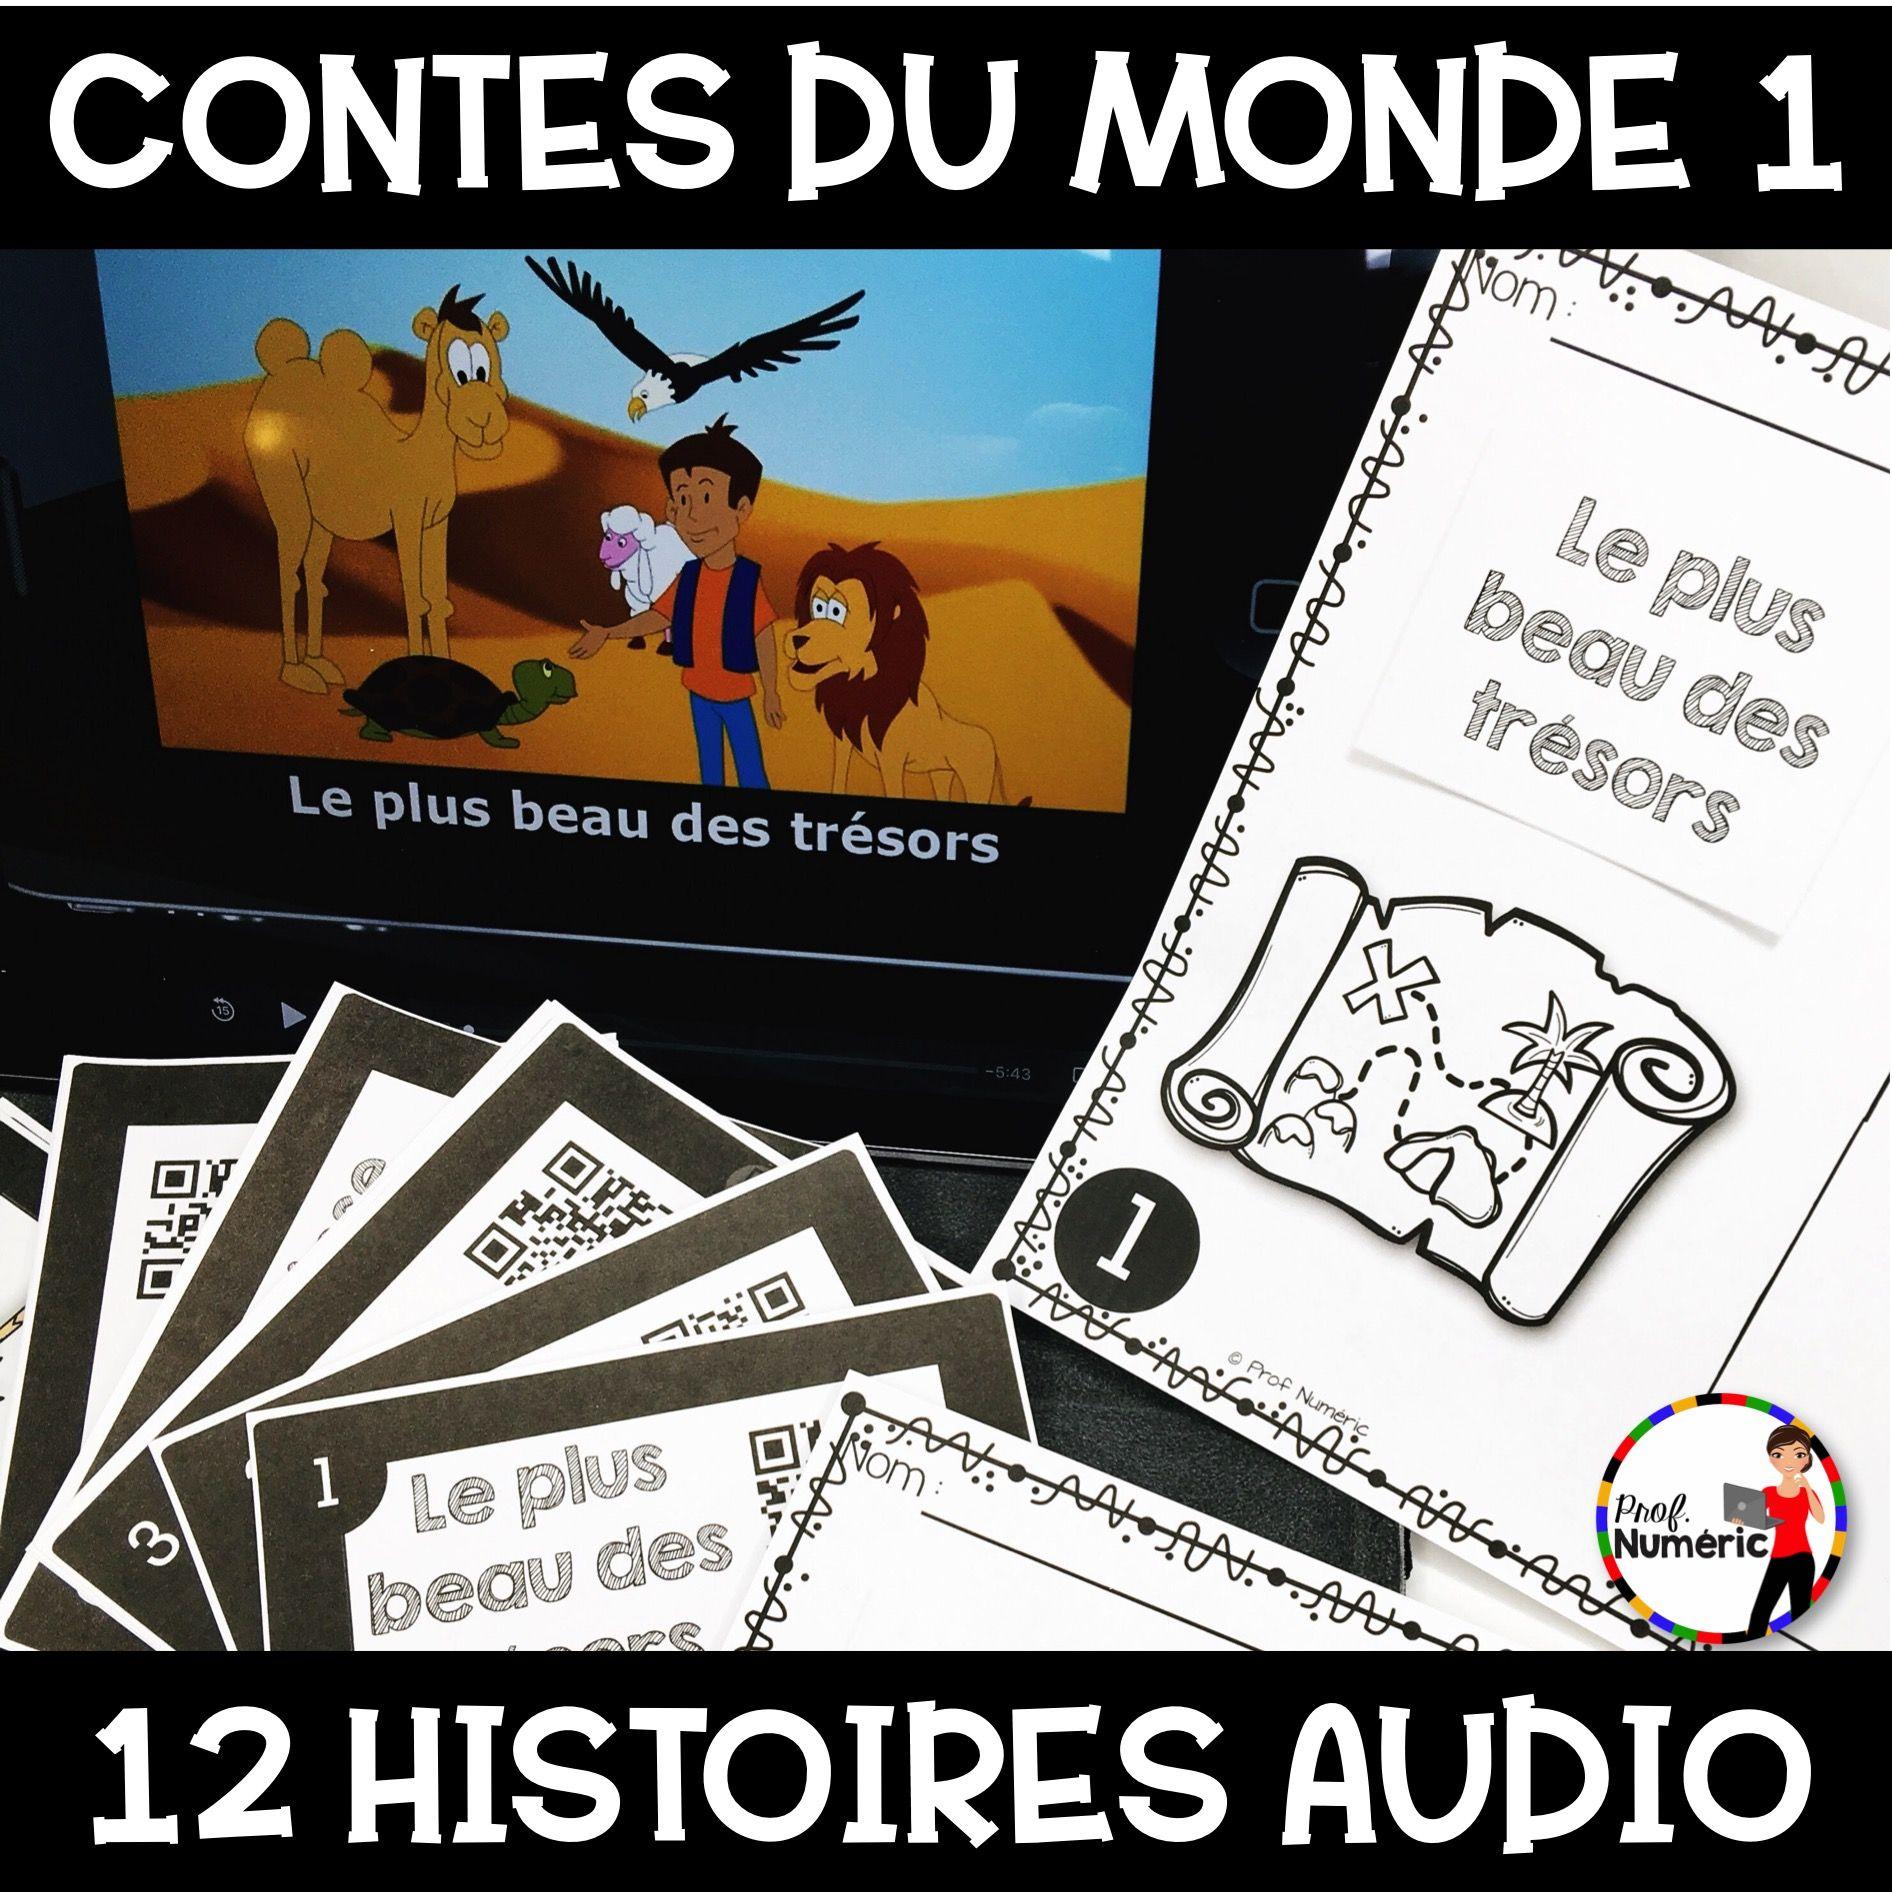 Contes du monde 1 (12 Histoires AUDIO + Tâches écrites)